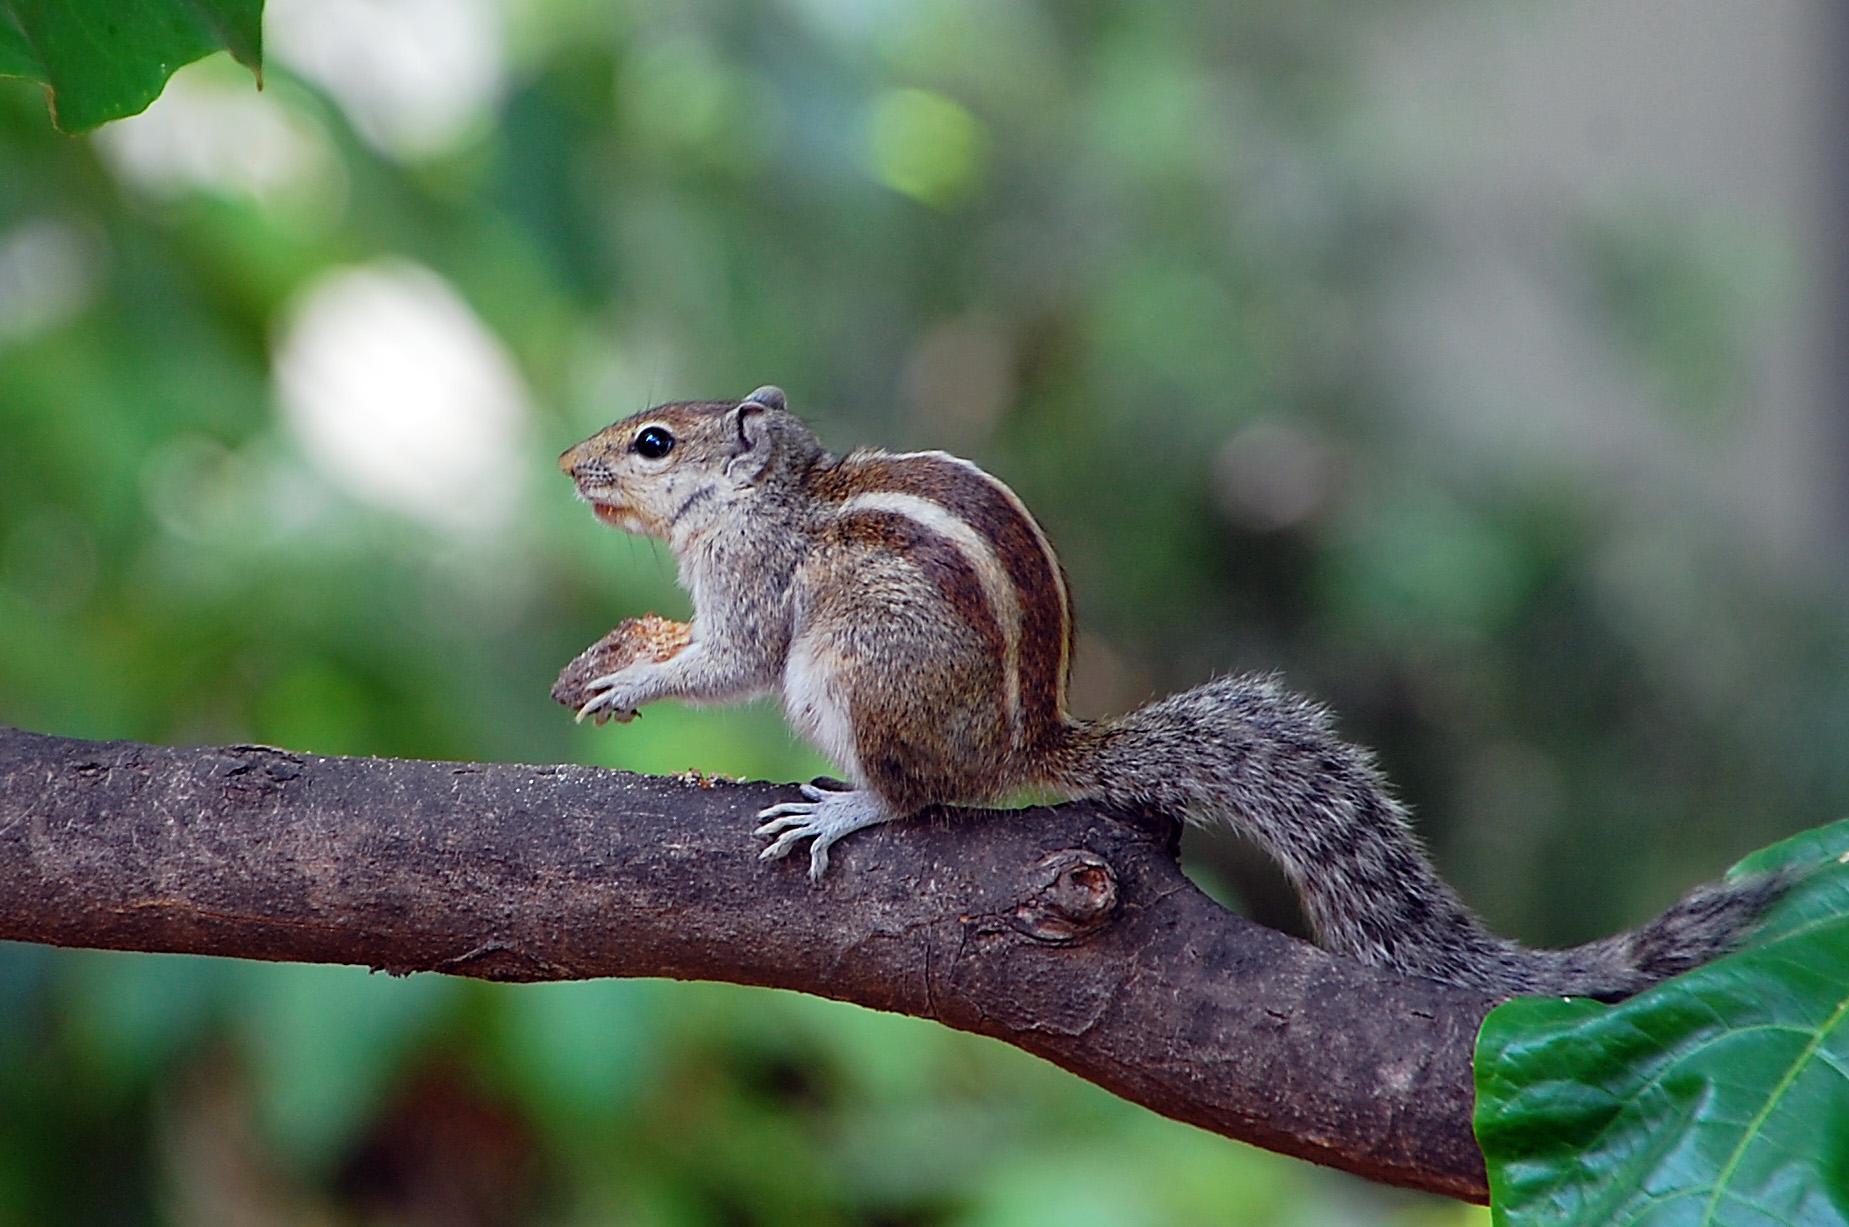 Animal squirrel pictures